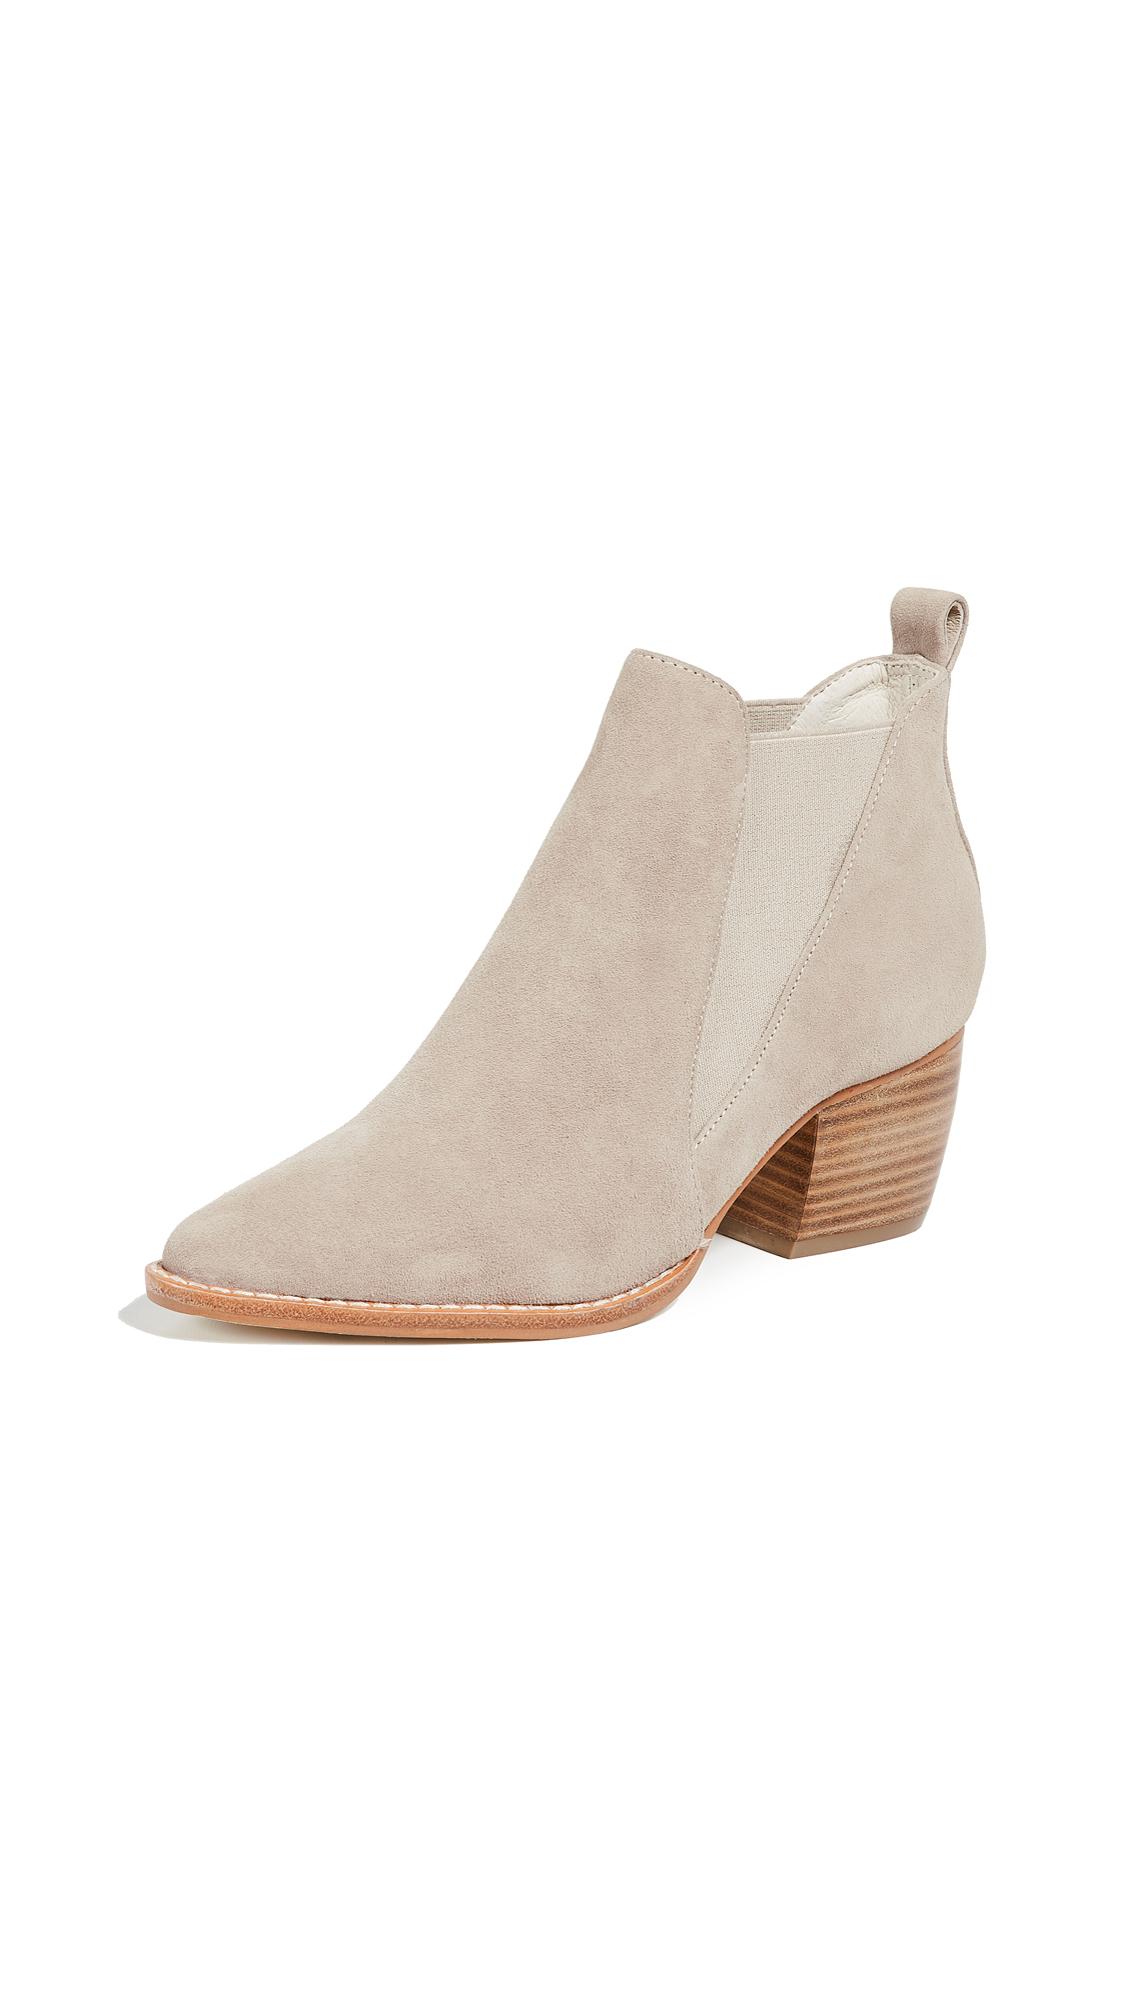 Sol Sana Bruno Western Boots - Dove